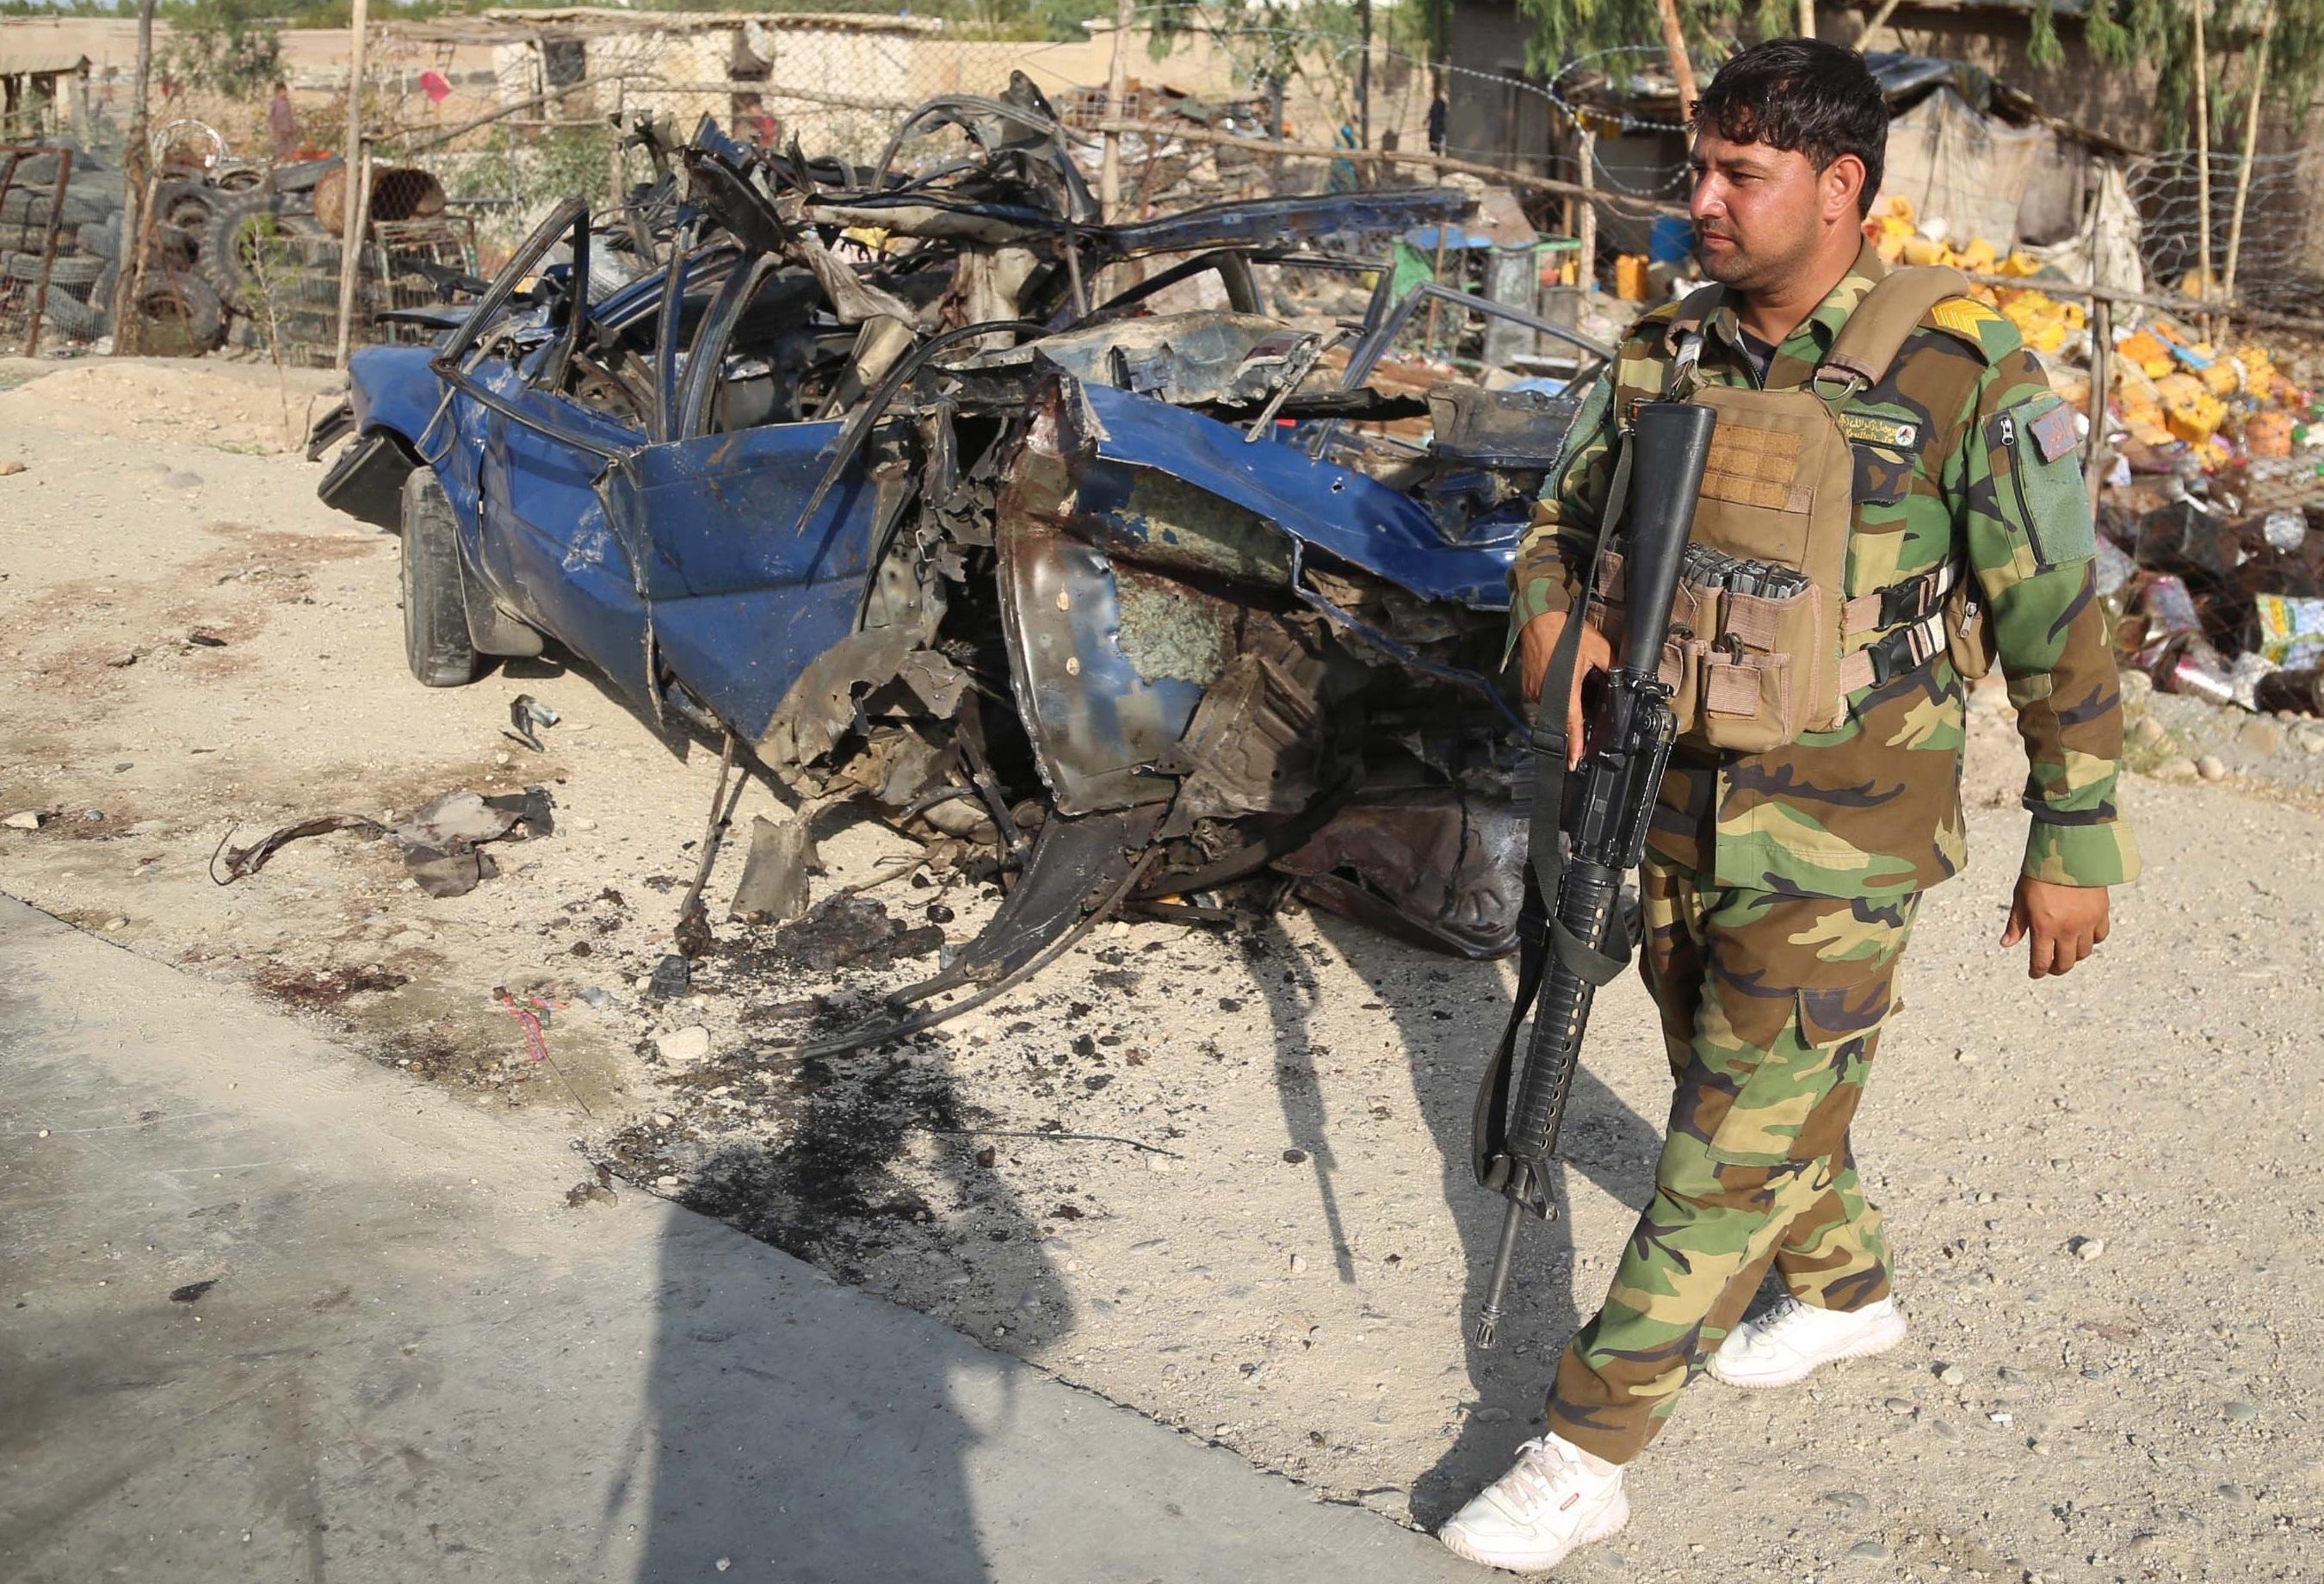 Oficiales de seguridad afganos inspeccionan el lugar de la explosión de una bomba, en Jalalabad.